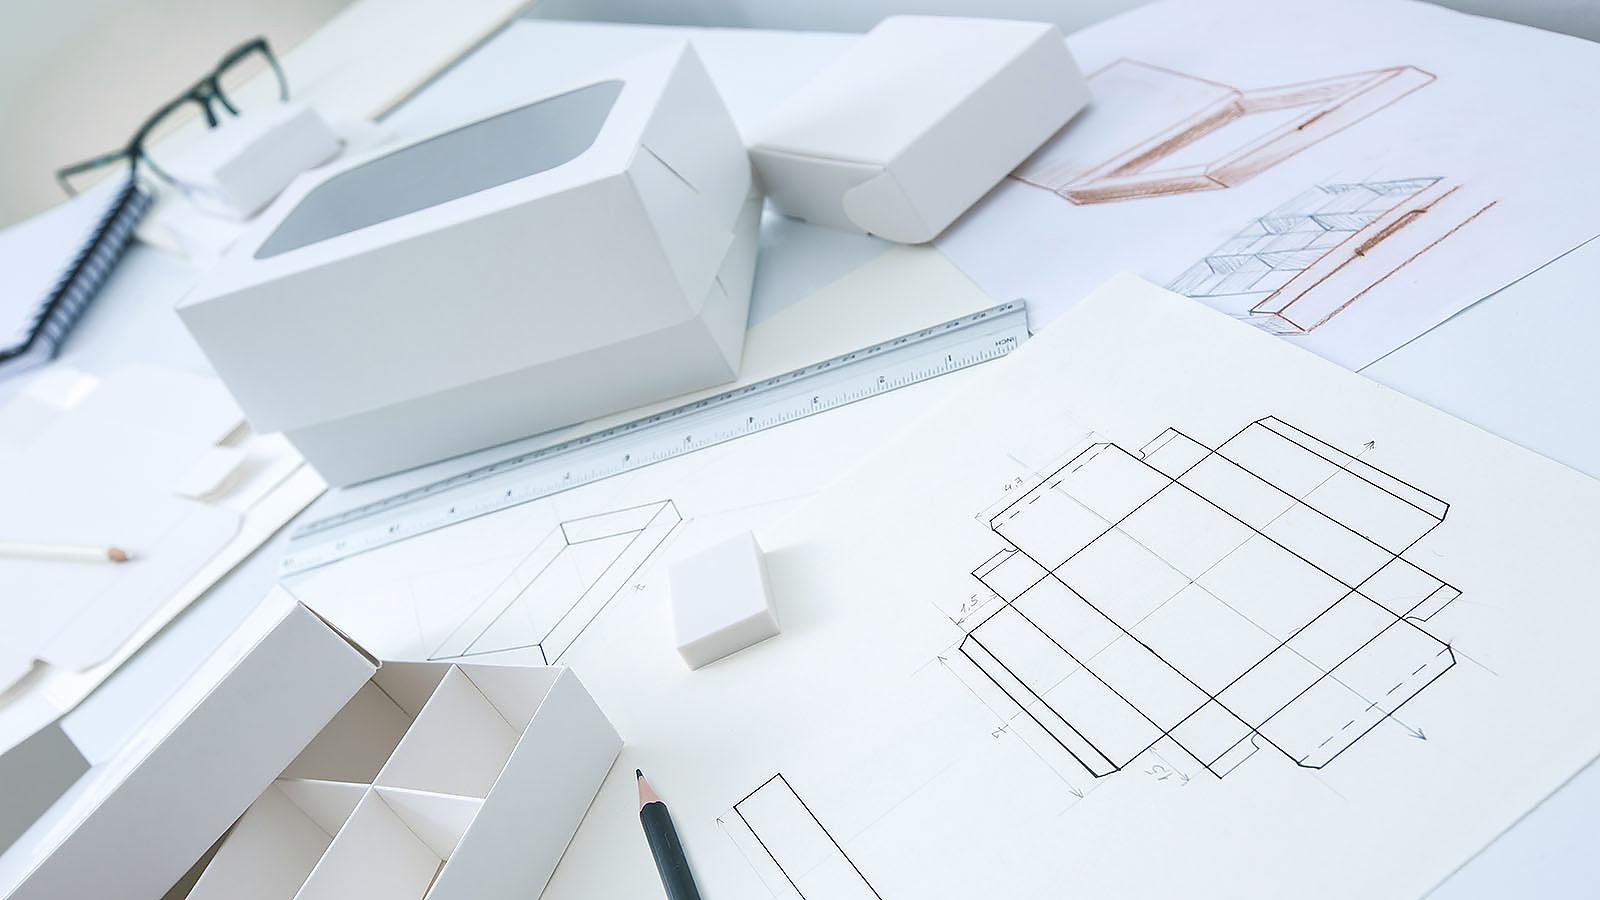 Verpackungsentwicklung Von der Idee zum Produkt